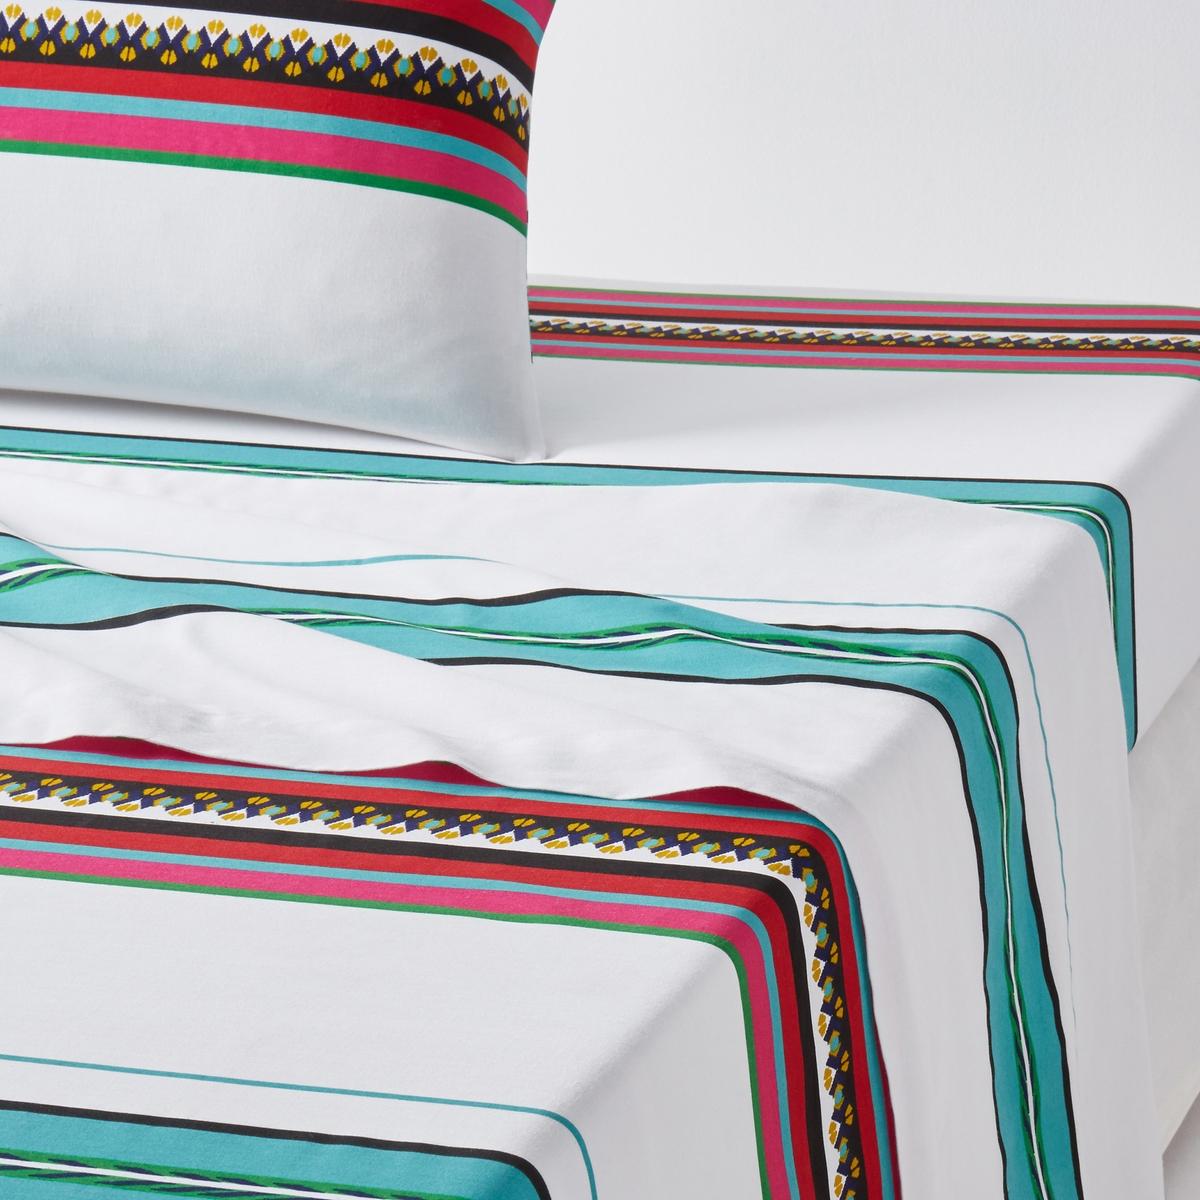 Простыня гладкая с рисунком, Nazca BlancХарактеристики простыни:100% хлопка, 57 нитей/см2.Чем больше нитей/см2, тем выше качество ткани.Машинная стирка при 60 °С.С рисунком.Размеры: 180 x 290 см : 1-сп.240 х 290 см : 2-сп.270 x 290 см : 2-сп.Знак Oeko-Tex® гарантирует, что товары прошли проверку и были изготовлены без применения вредных для здоровья человека веществ. Уход :Следуйте рекомендациям по уходу, указанным на этикетке изделия.<br><br>Цвет: рисунок/белый<br>Размер: 270 x 290  см